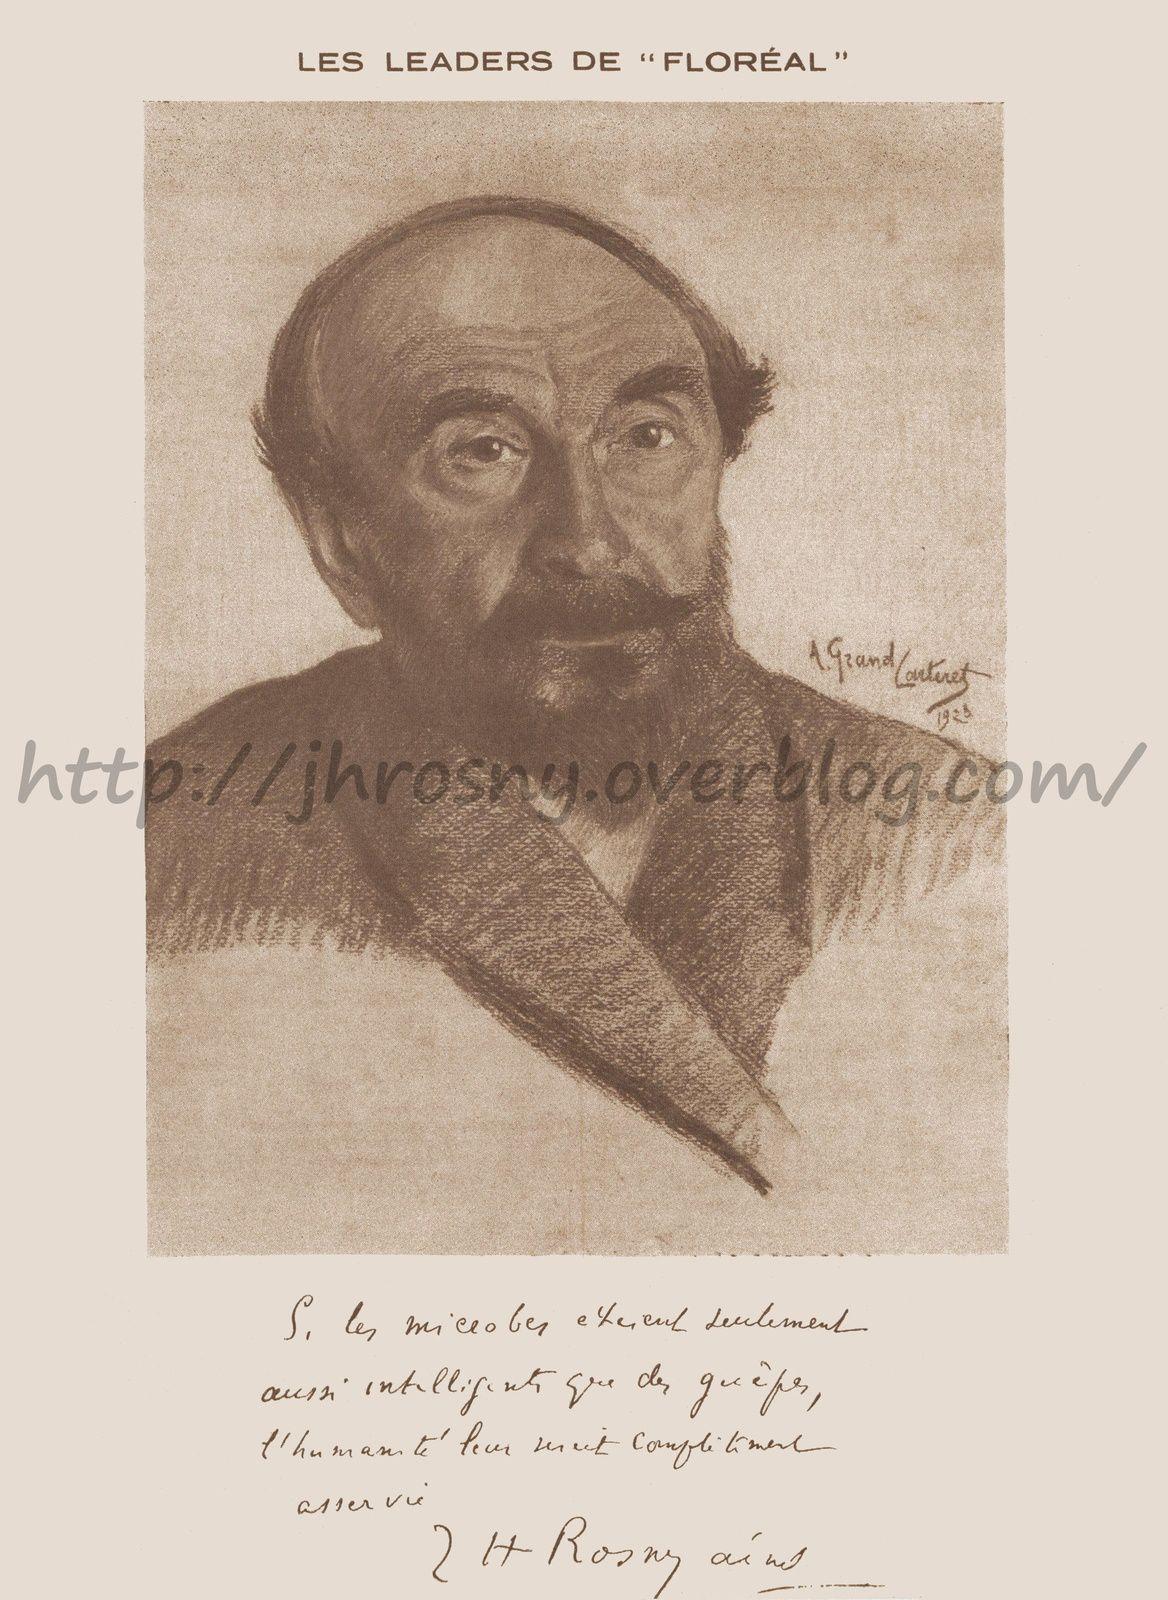 DOSSIER : J.-H. Rosny aîné dans Floréal